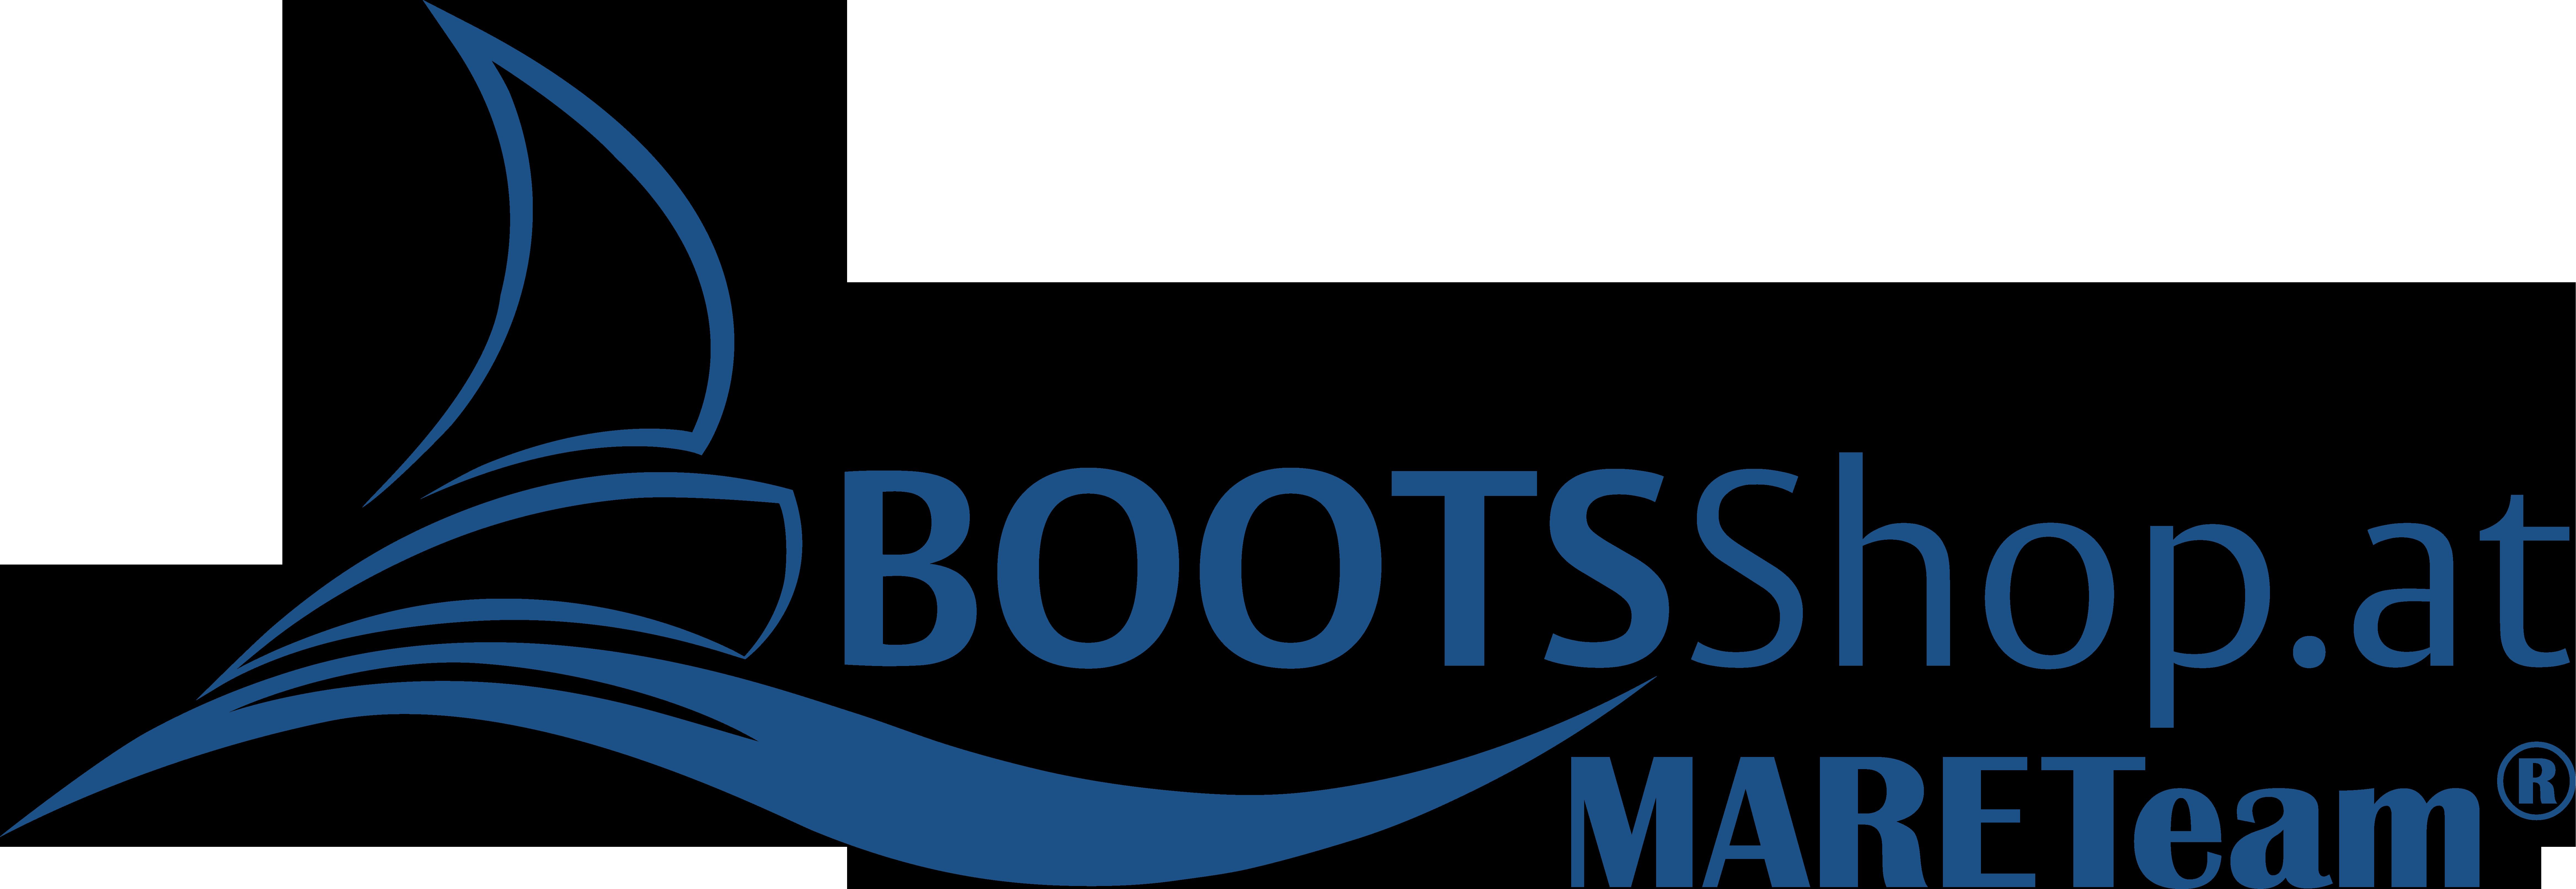 Bootsshop.at - zur Startseite wechseln